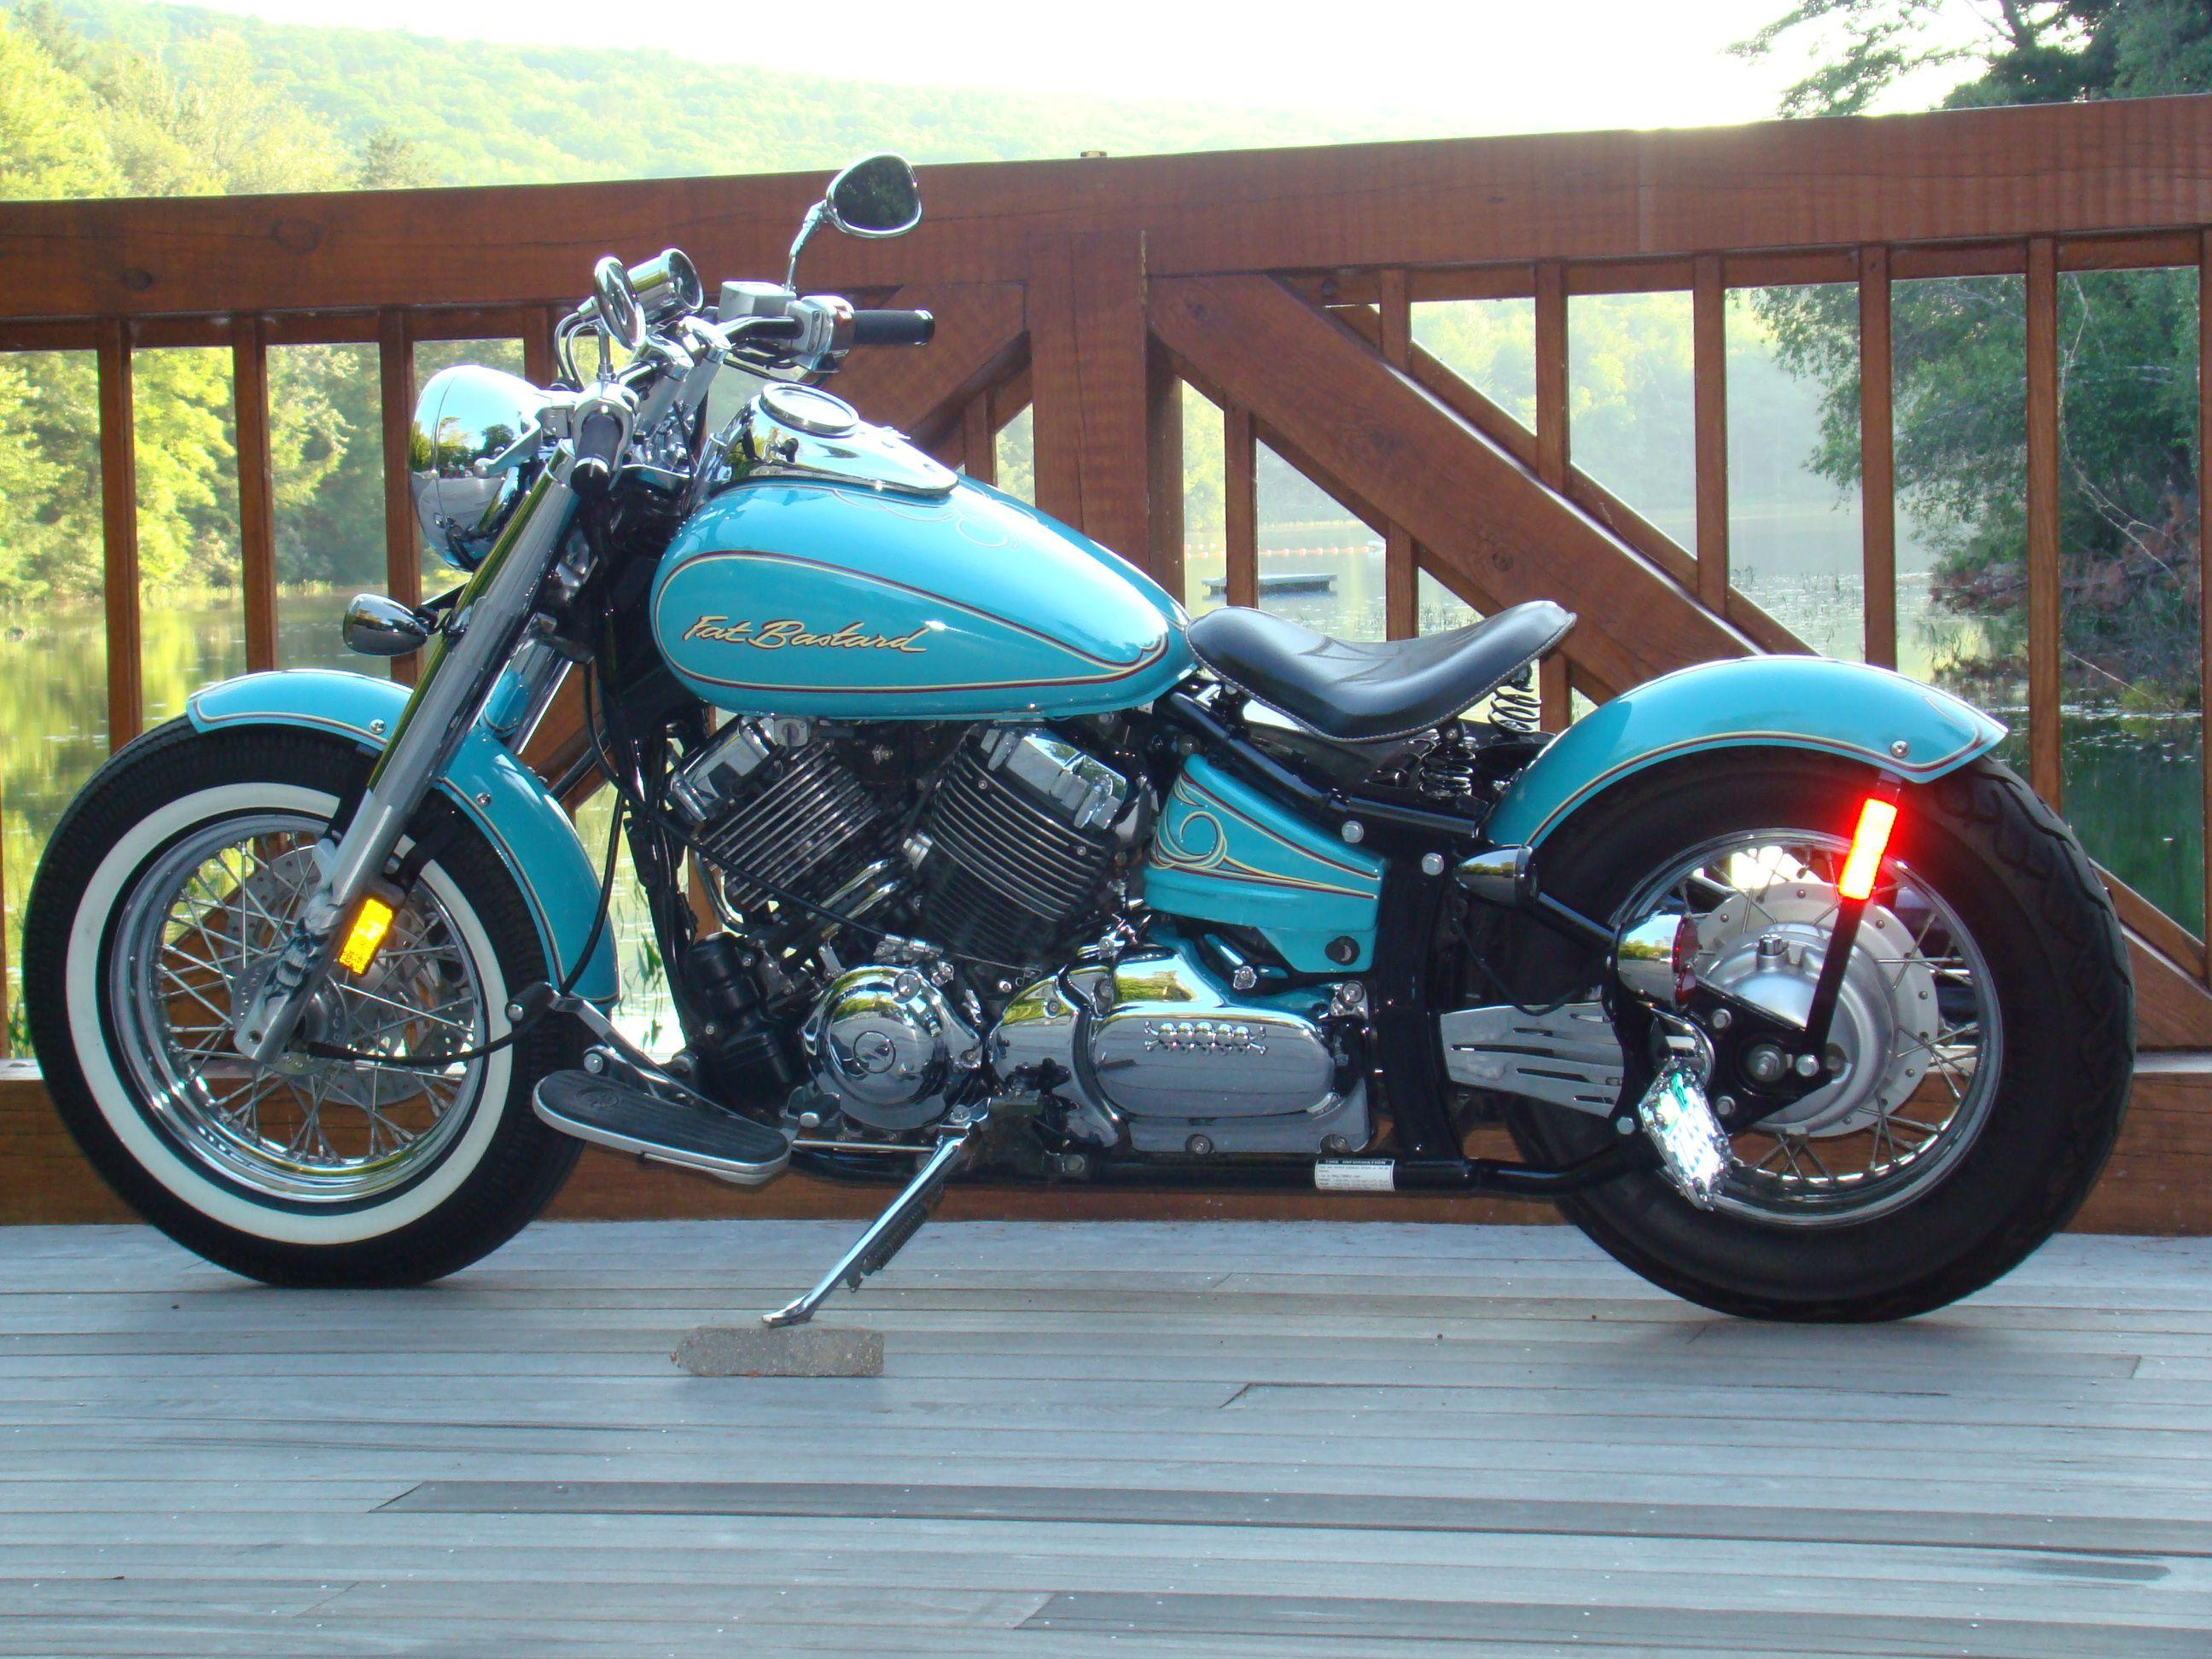 Motorcycle cruiser see more yamaha 2006 v star silverado classic fat bastard